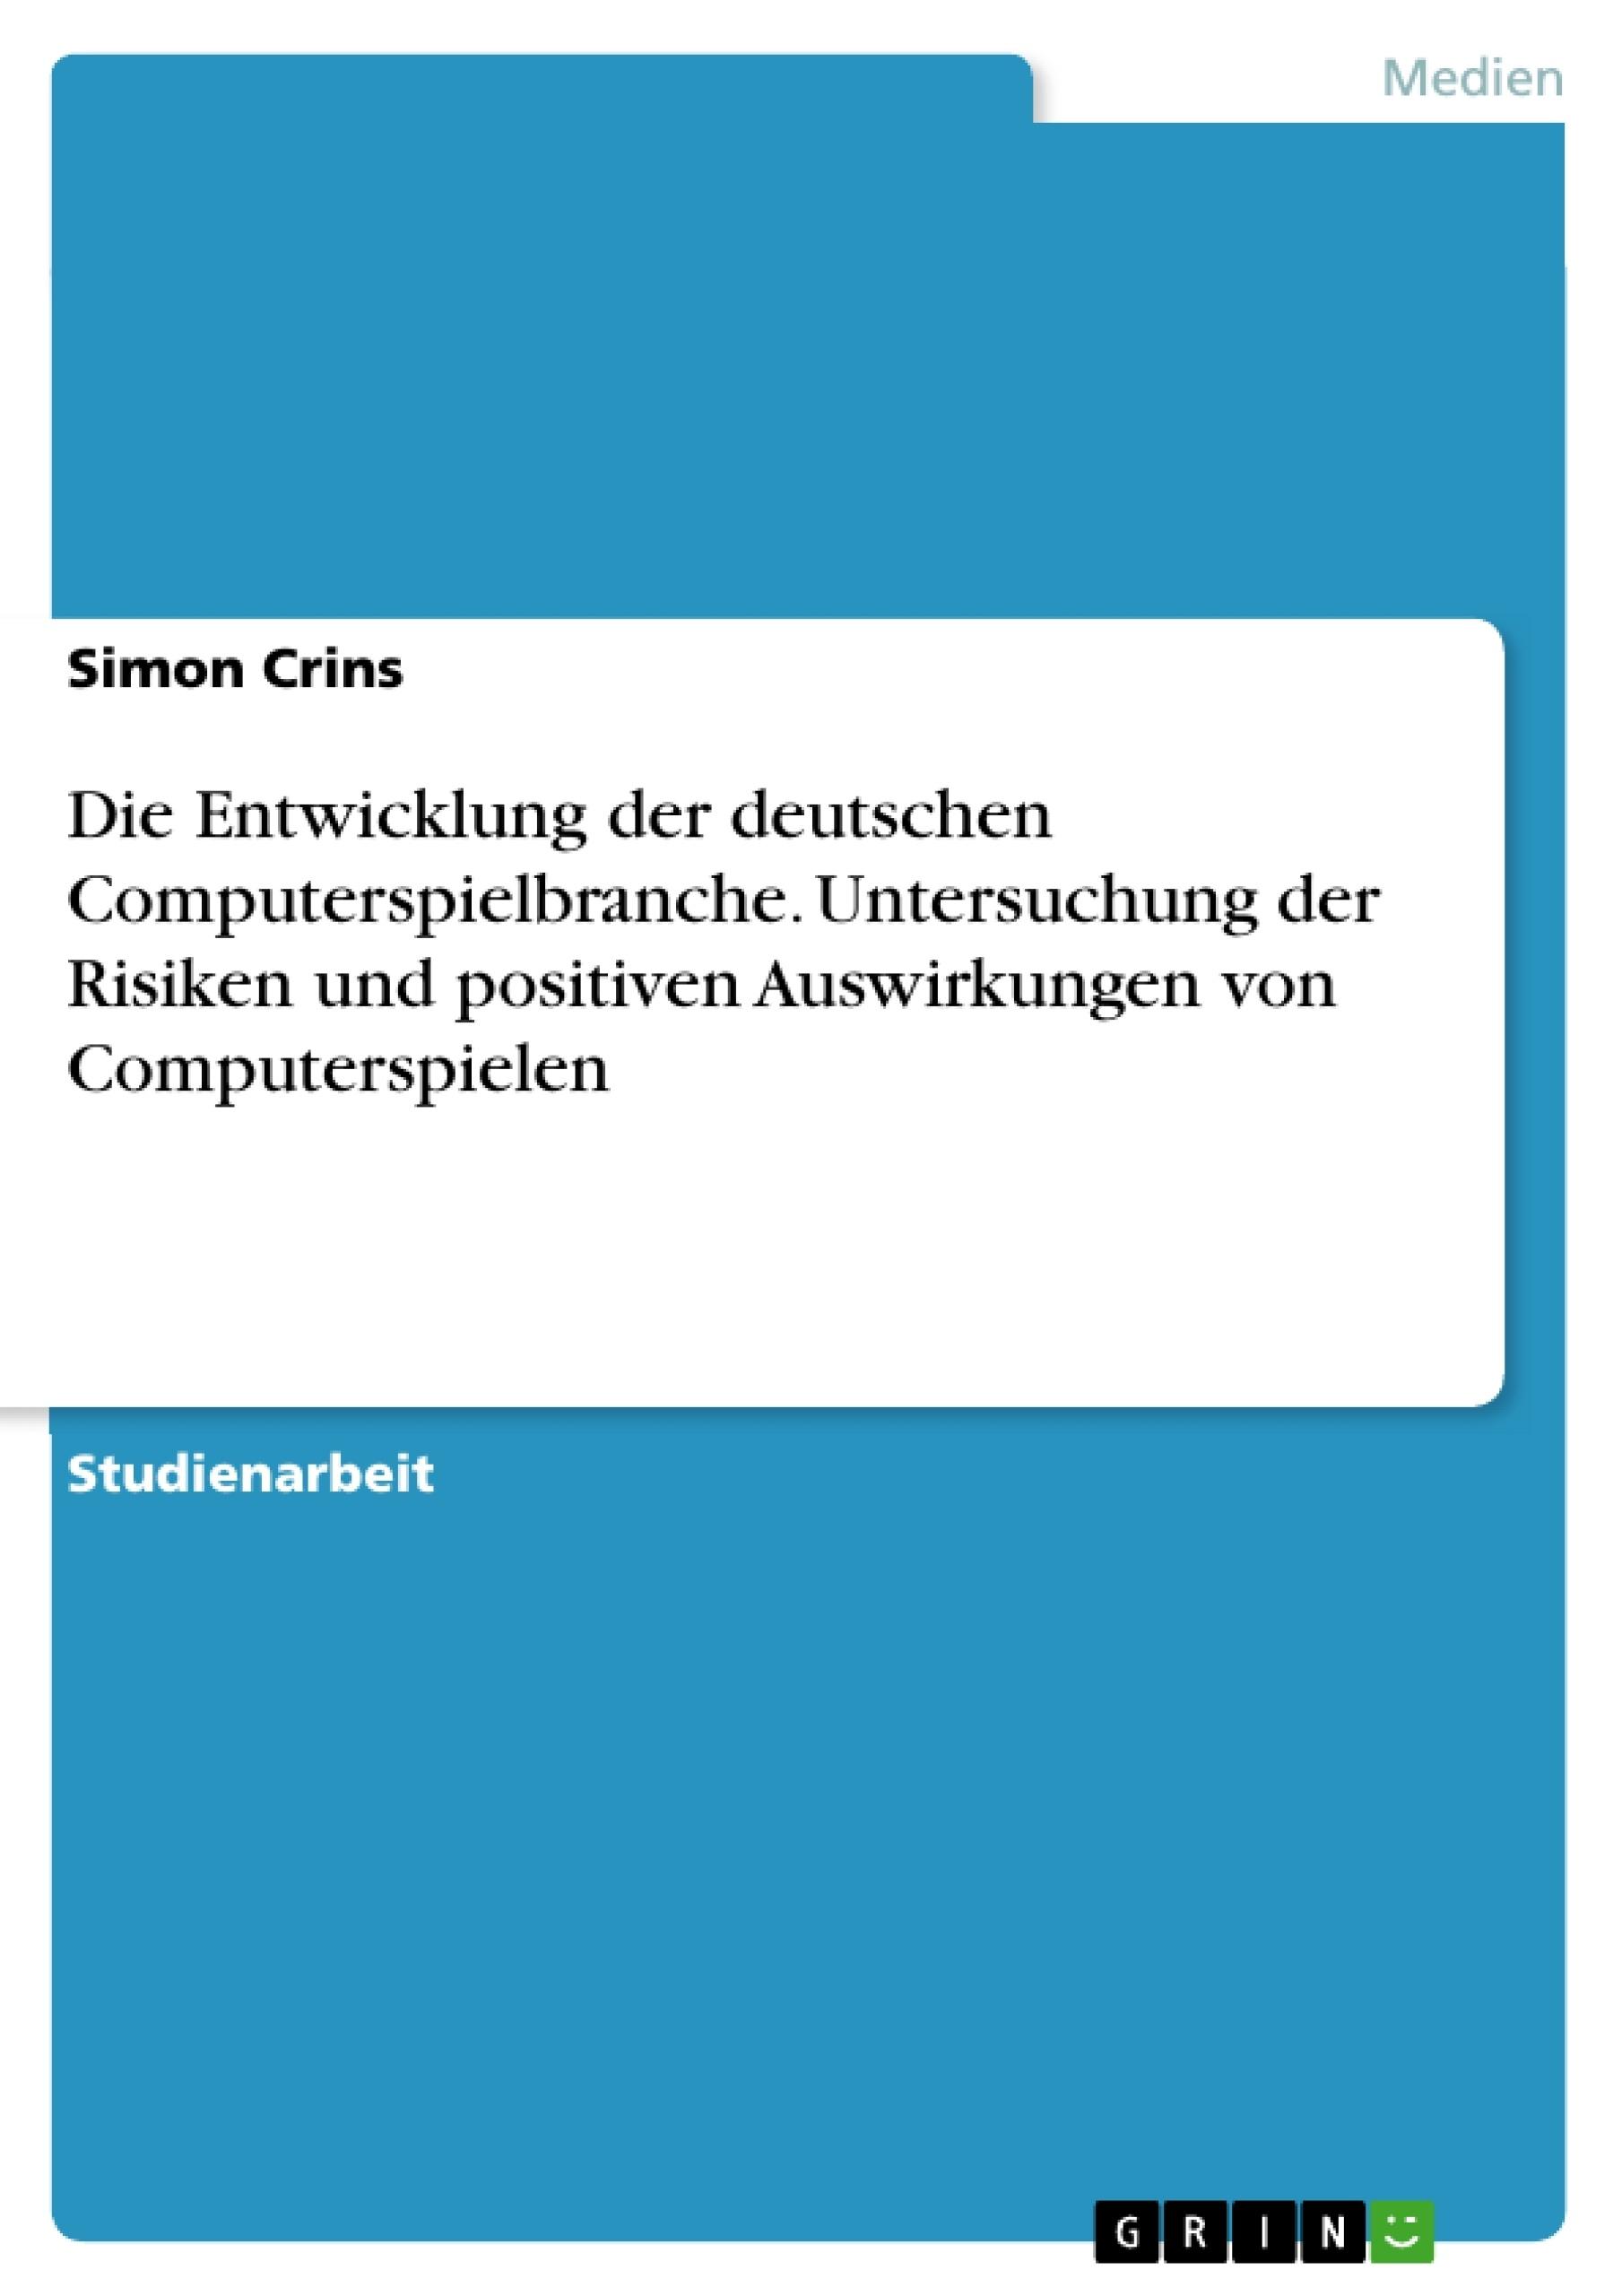 Titel: Die Entwicklung der deutschen Computerspielbranche. Untersuchung der Risiken und positiven Auswirkungen von Computerspielen